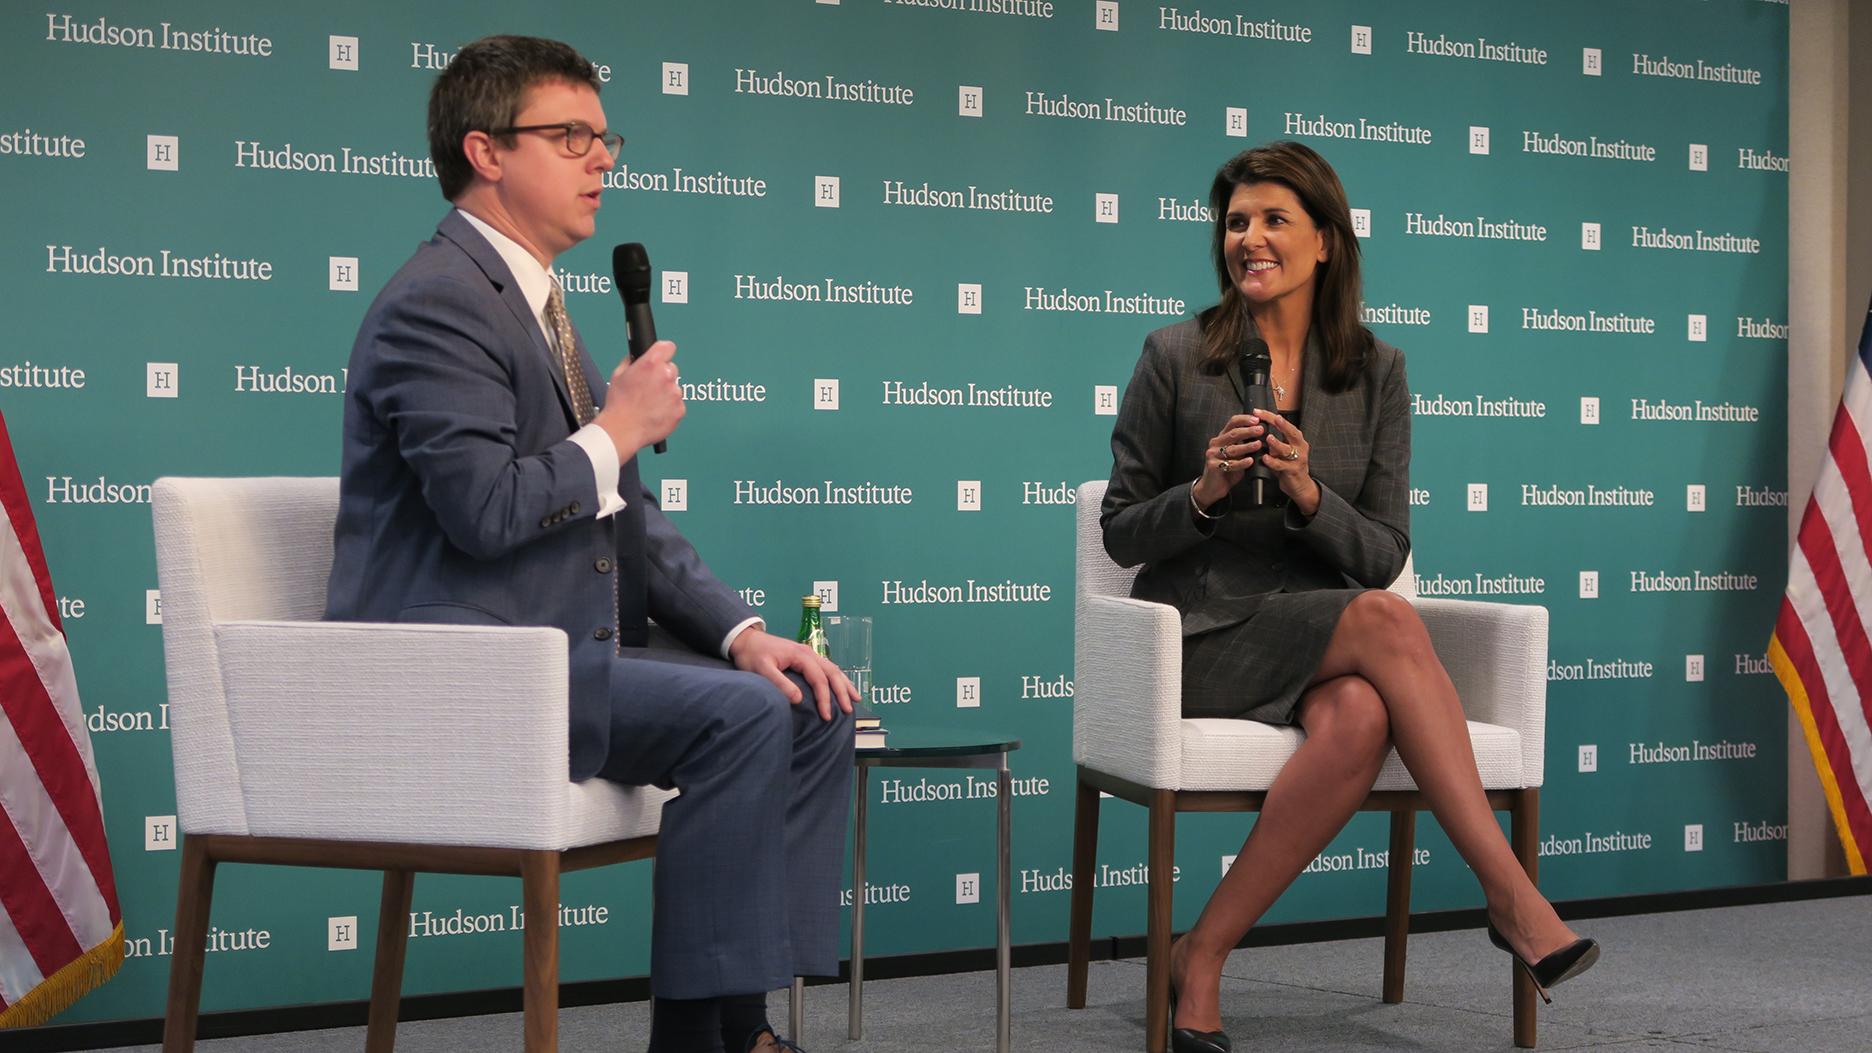 美国前驻联合国大使尼基·黑利(Nikki Haley)与主持人彼得罗(Peter Rogh)。(自由亚洲电台记者唐家婕华盛顿摄)